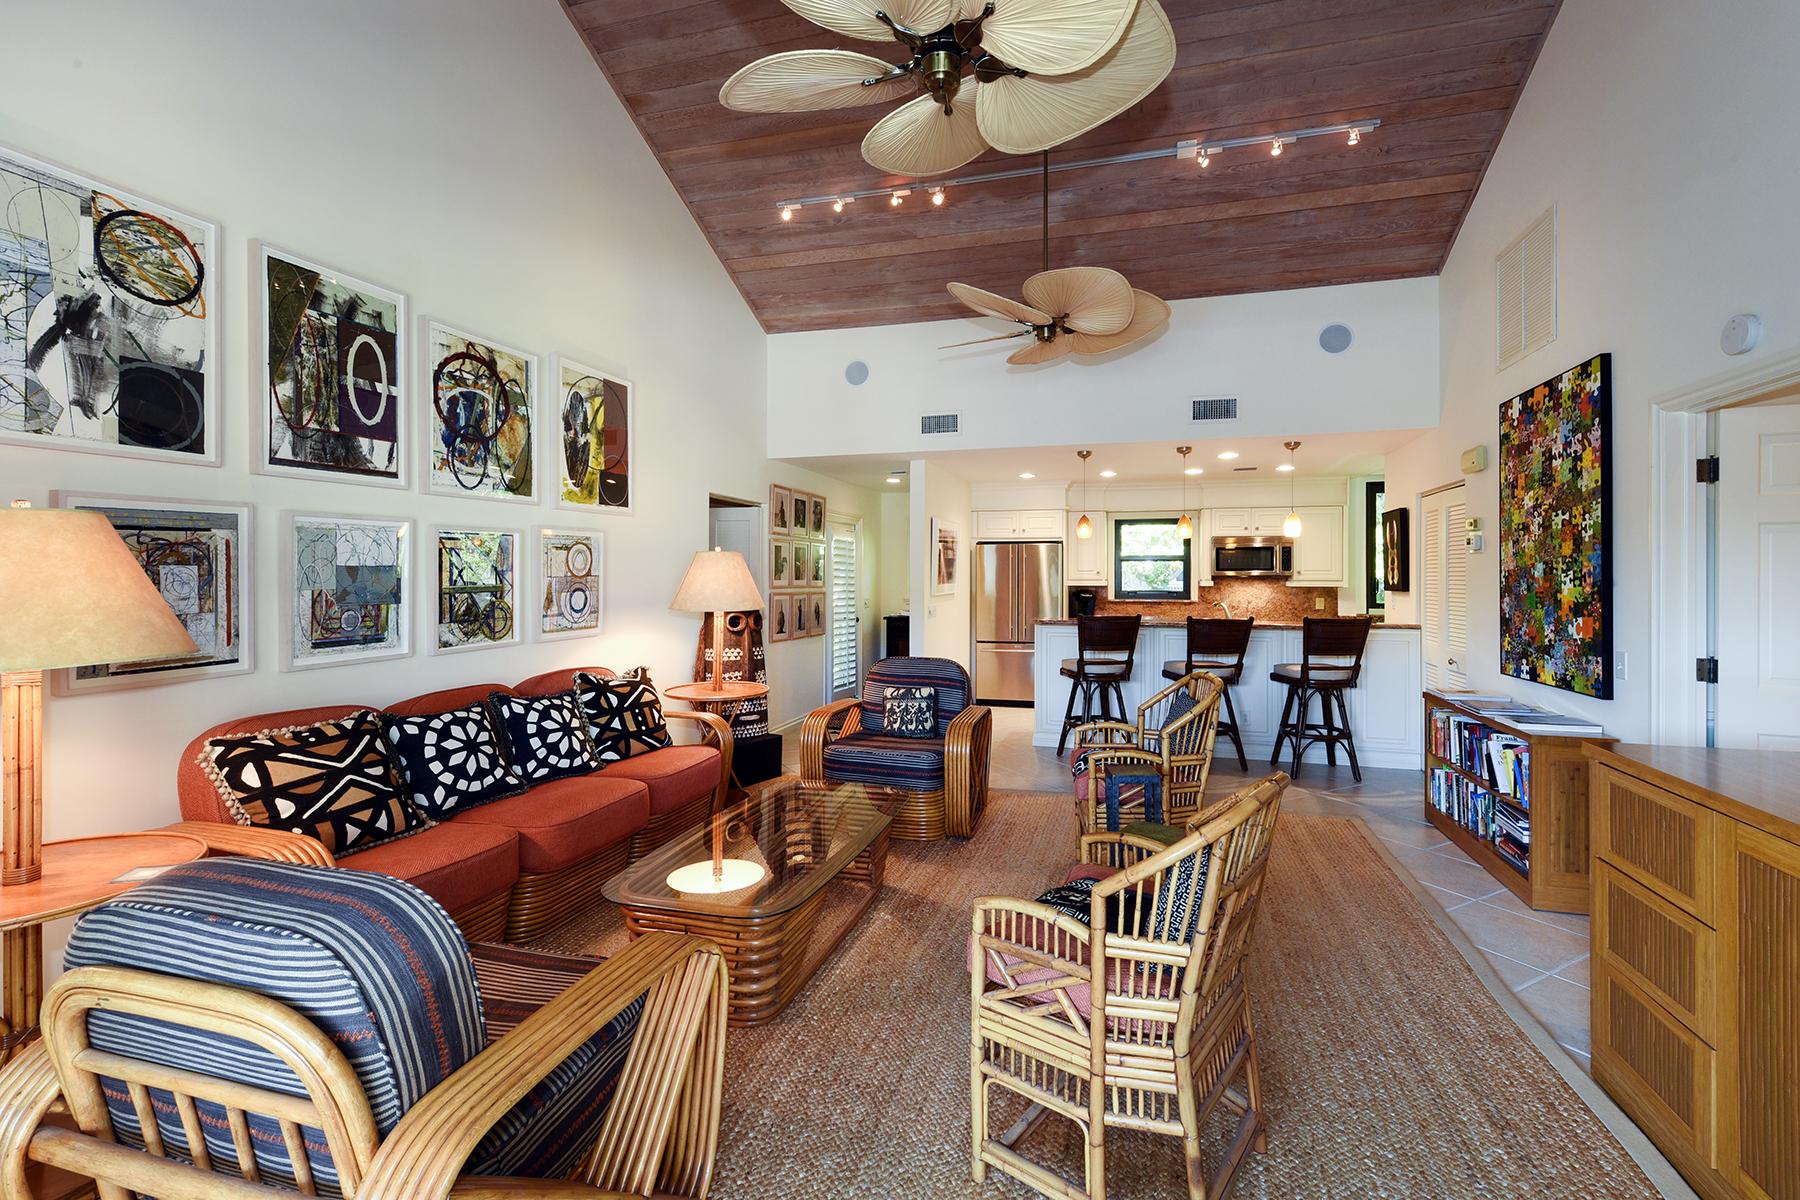 Частный односемейный дом для того Продажа на Key Largo Anglers Club - Beautifully Renovated Cottage 18 South Island Drive Key Largo, Флорида, 33037 Соединенные Штаты